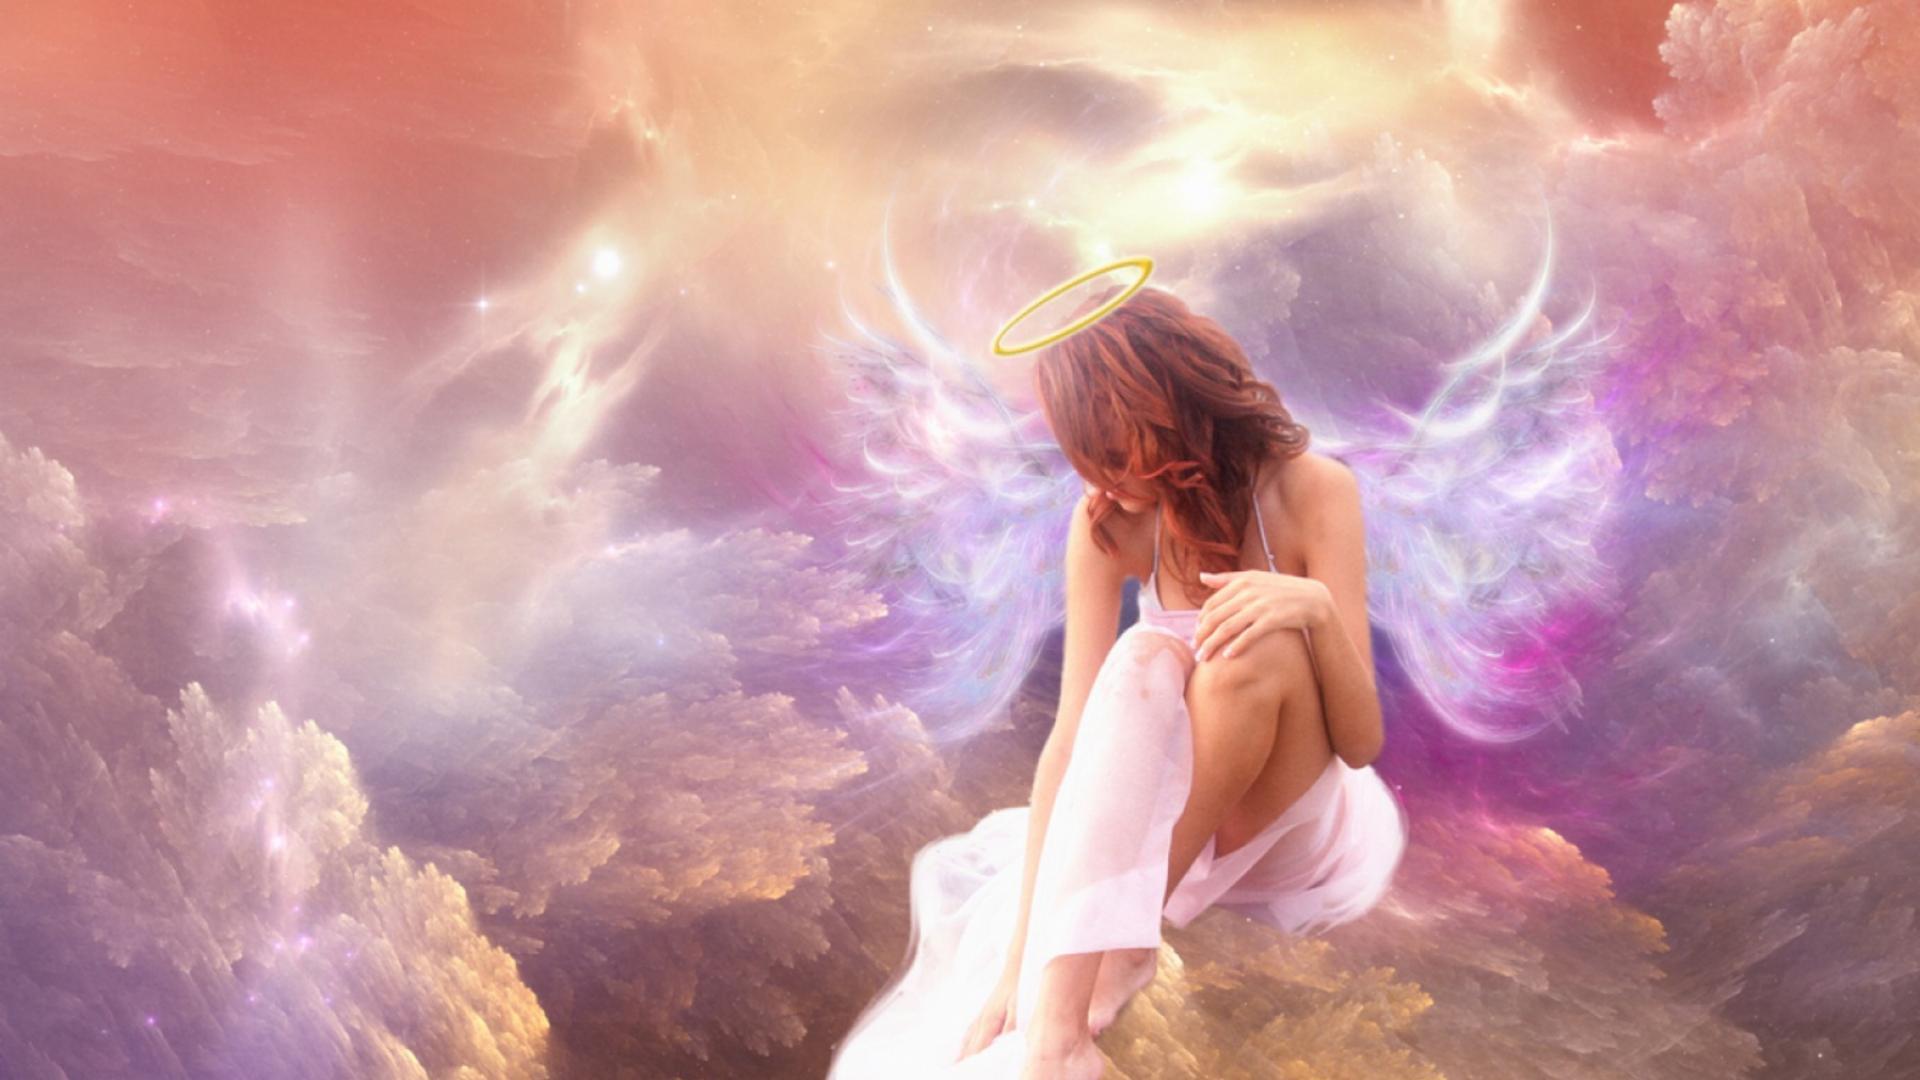 Fantasy Angel Wallpaper 19201080 122257 HD Wallpaper Res 1920x1080 1920x1080